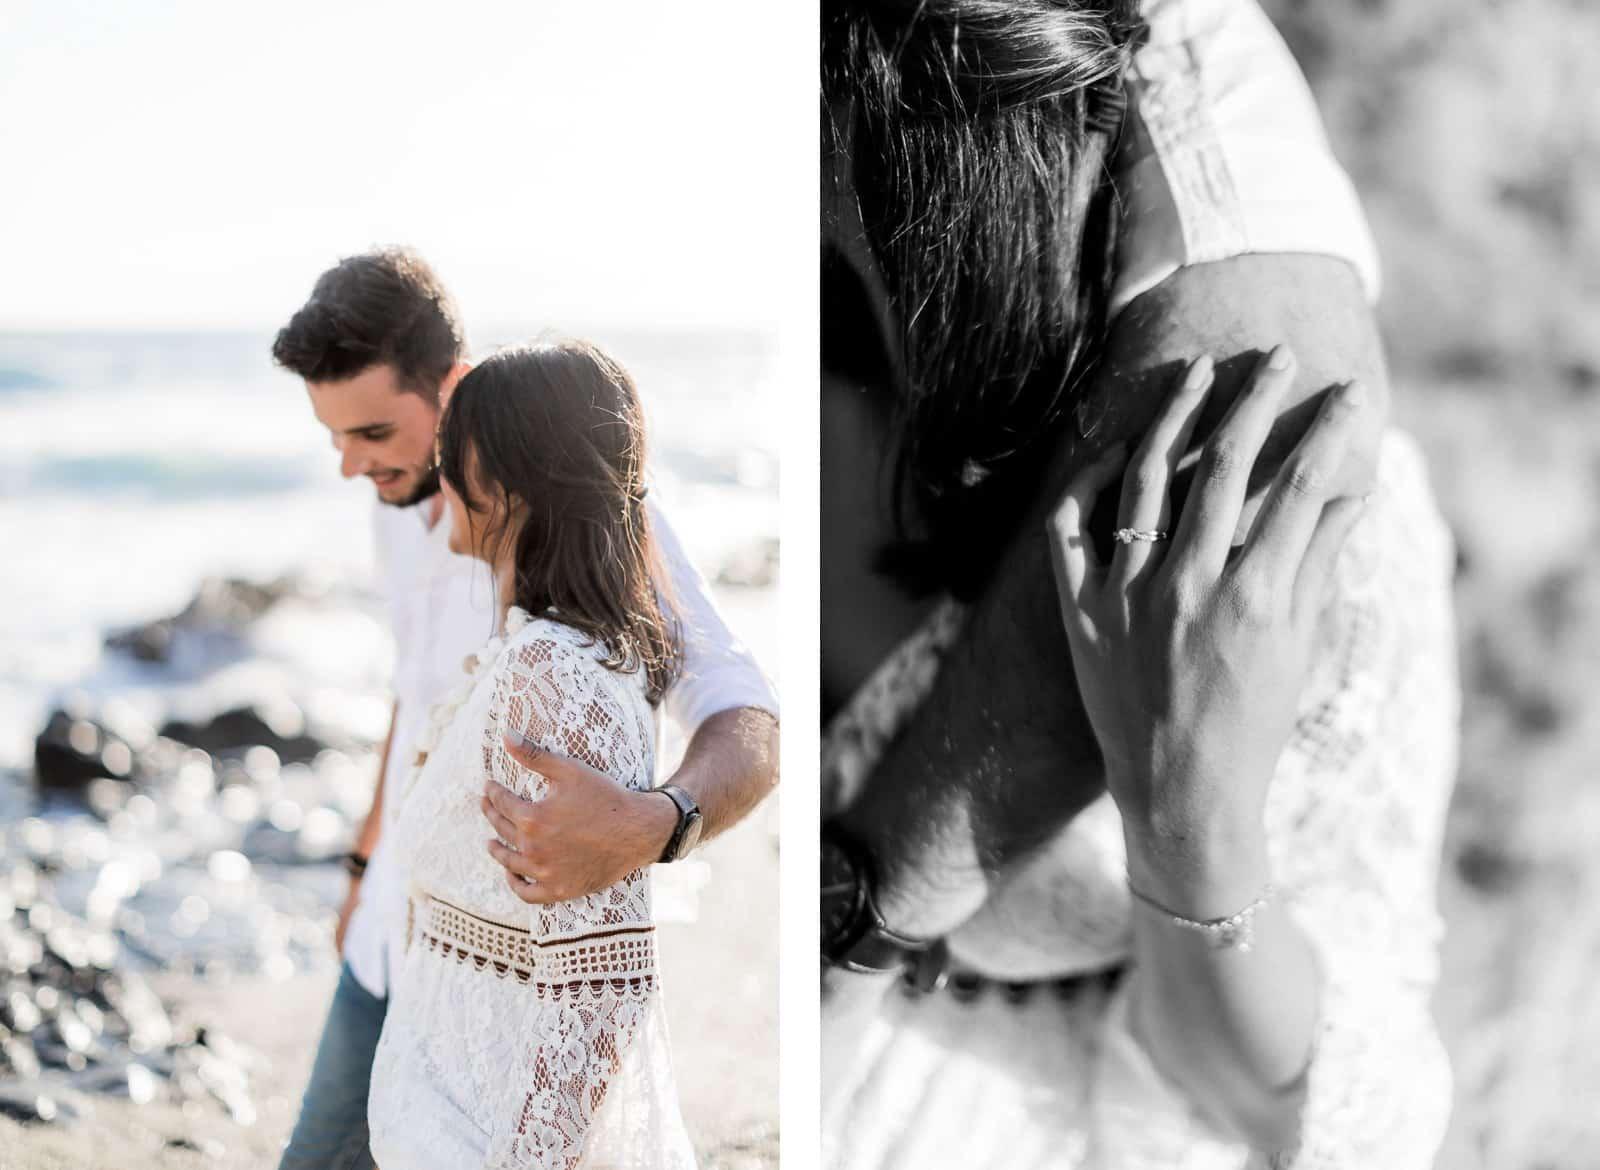 Photographie d'une séance photo au Cap La Houssaye, de Mathieu Dété, photographe de grossesse et naissance à Saint-Leu sur l'île de la Réunion 974, présentant les détails des mains d'un couple heureux et souriant